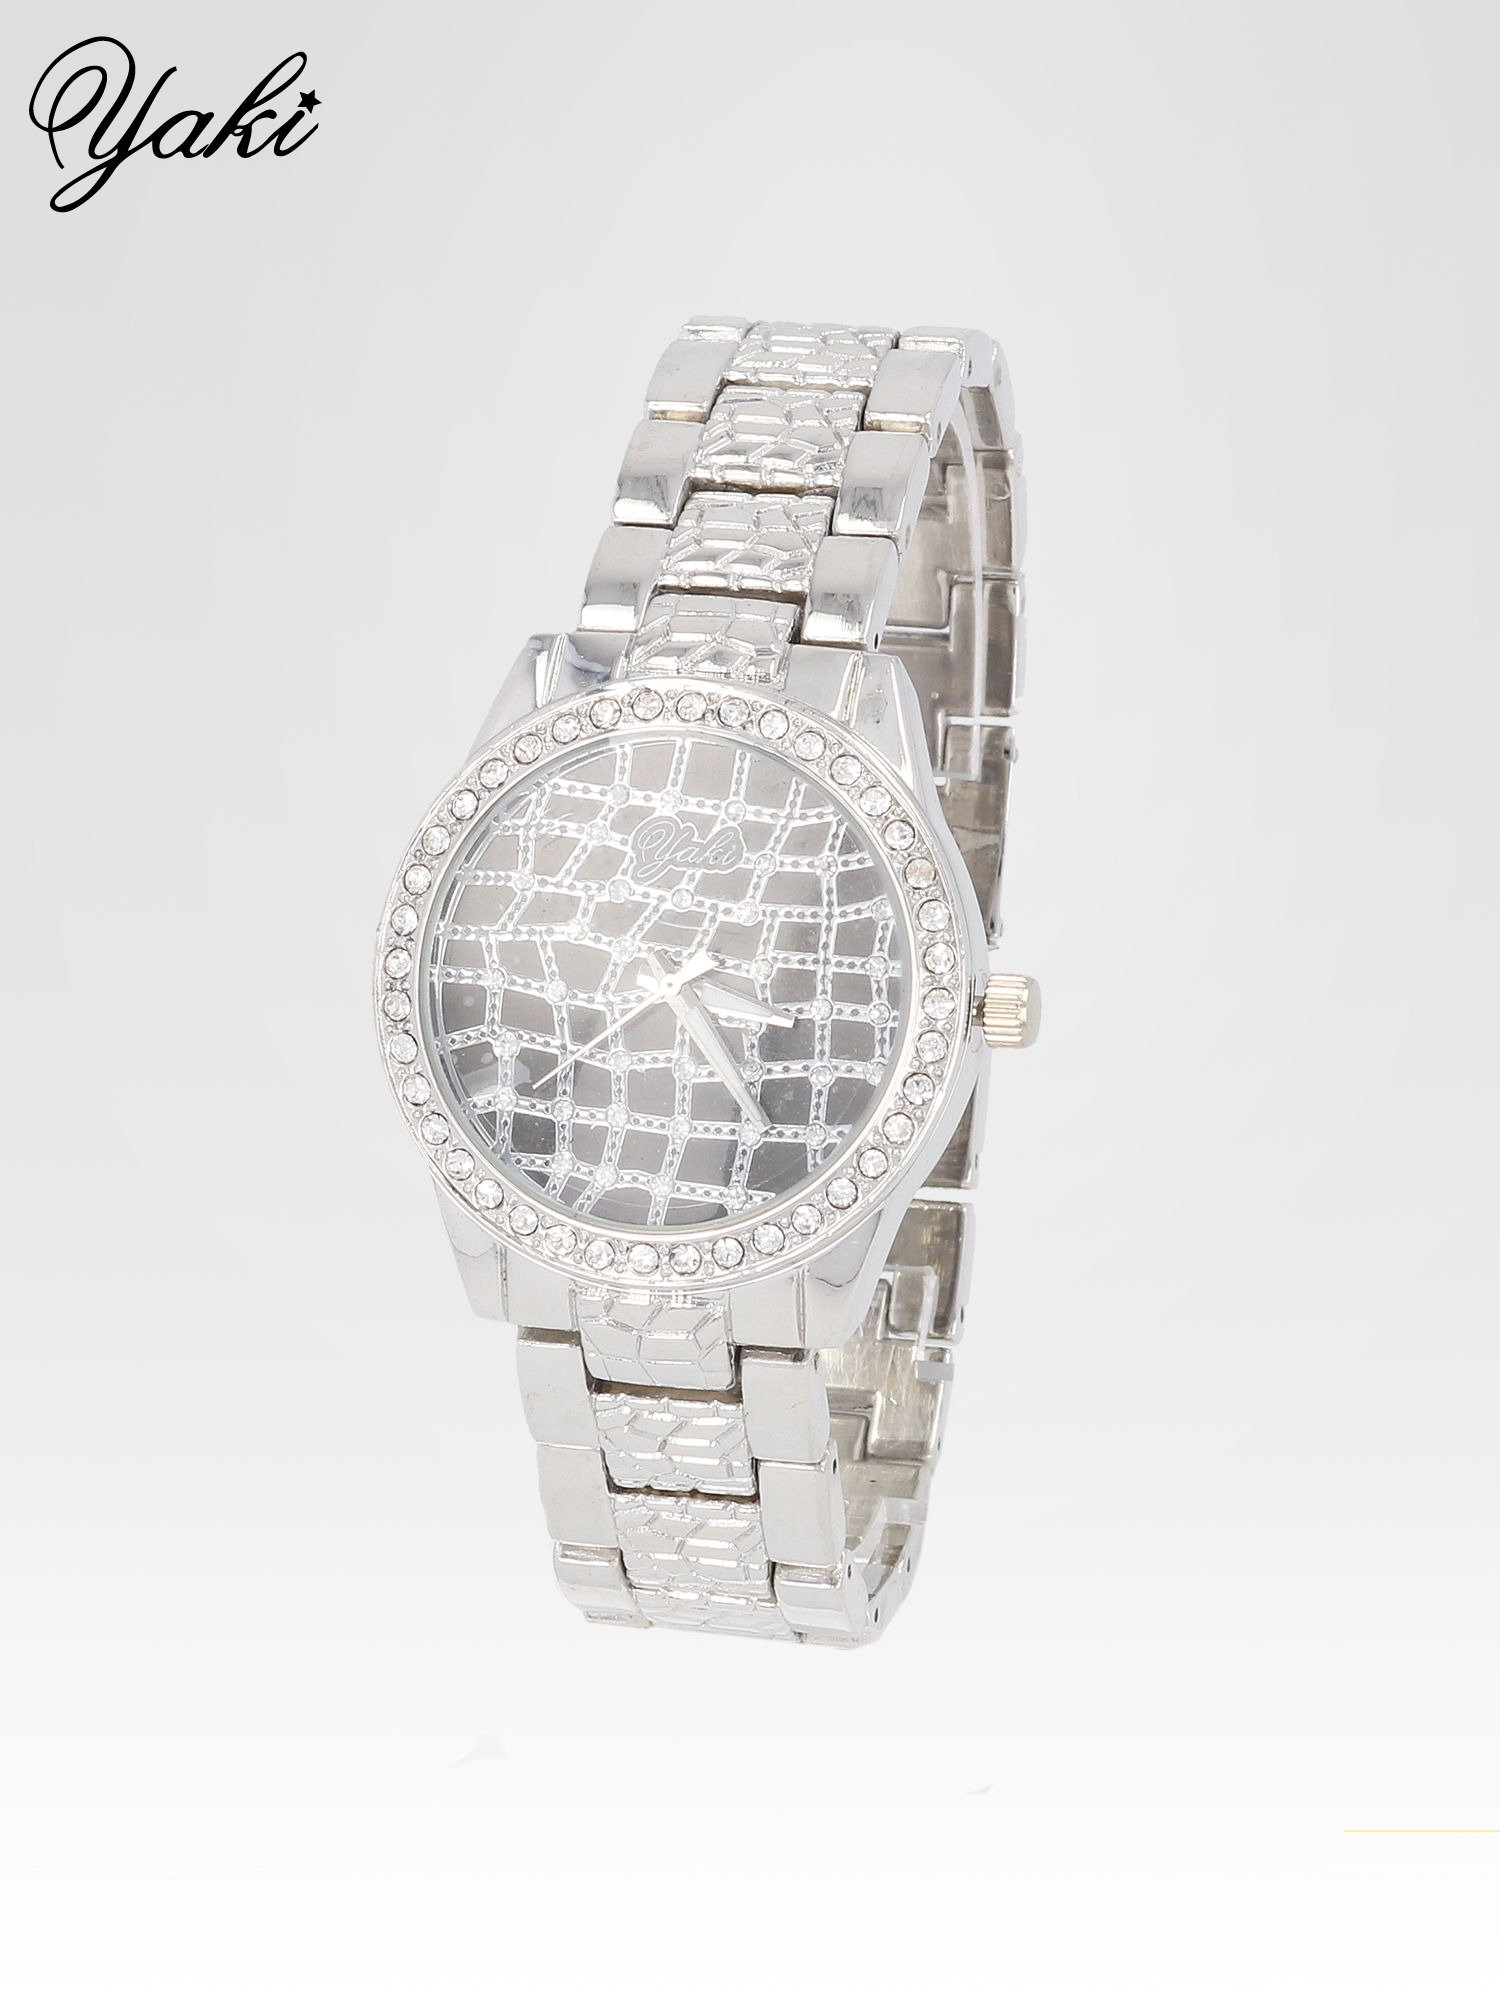 Srebrny zegarek damski na bransolecie z cyrkoniową kopertą                                  zdj.                                  2